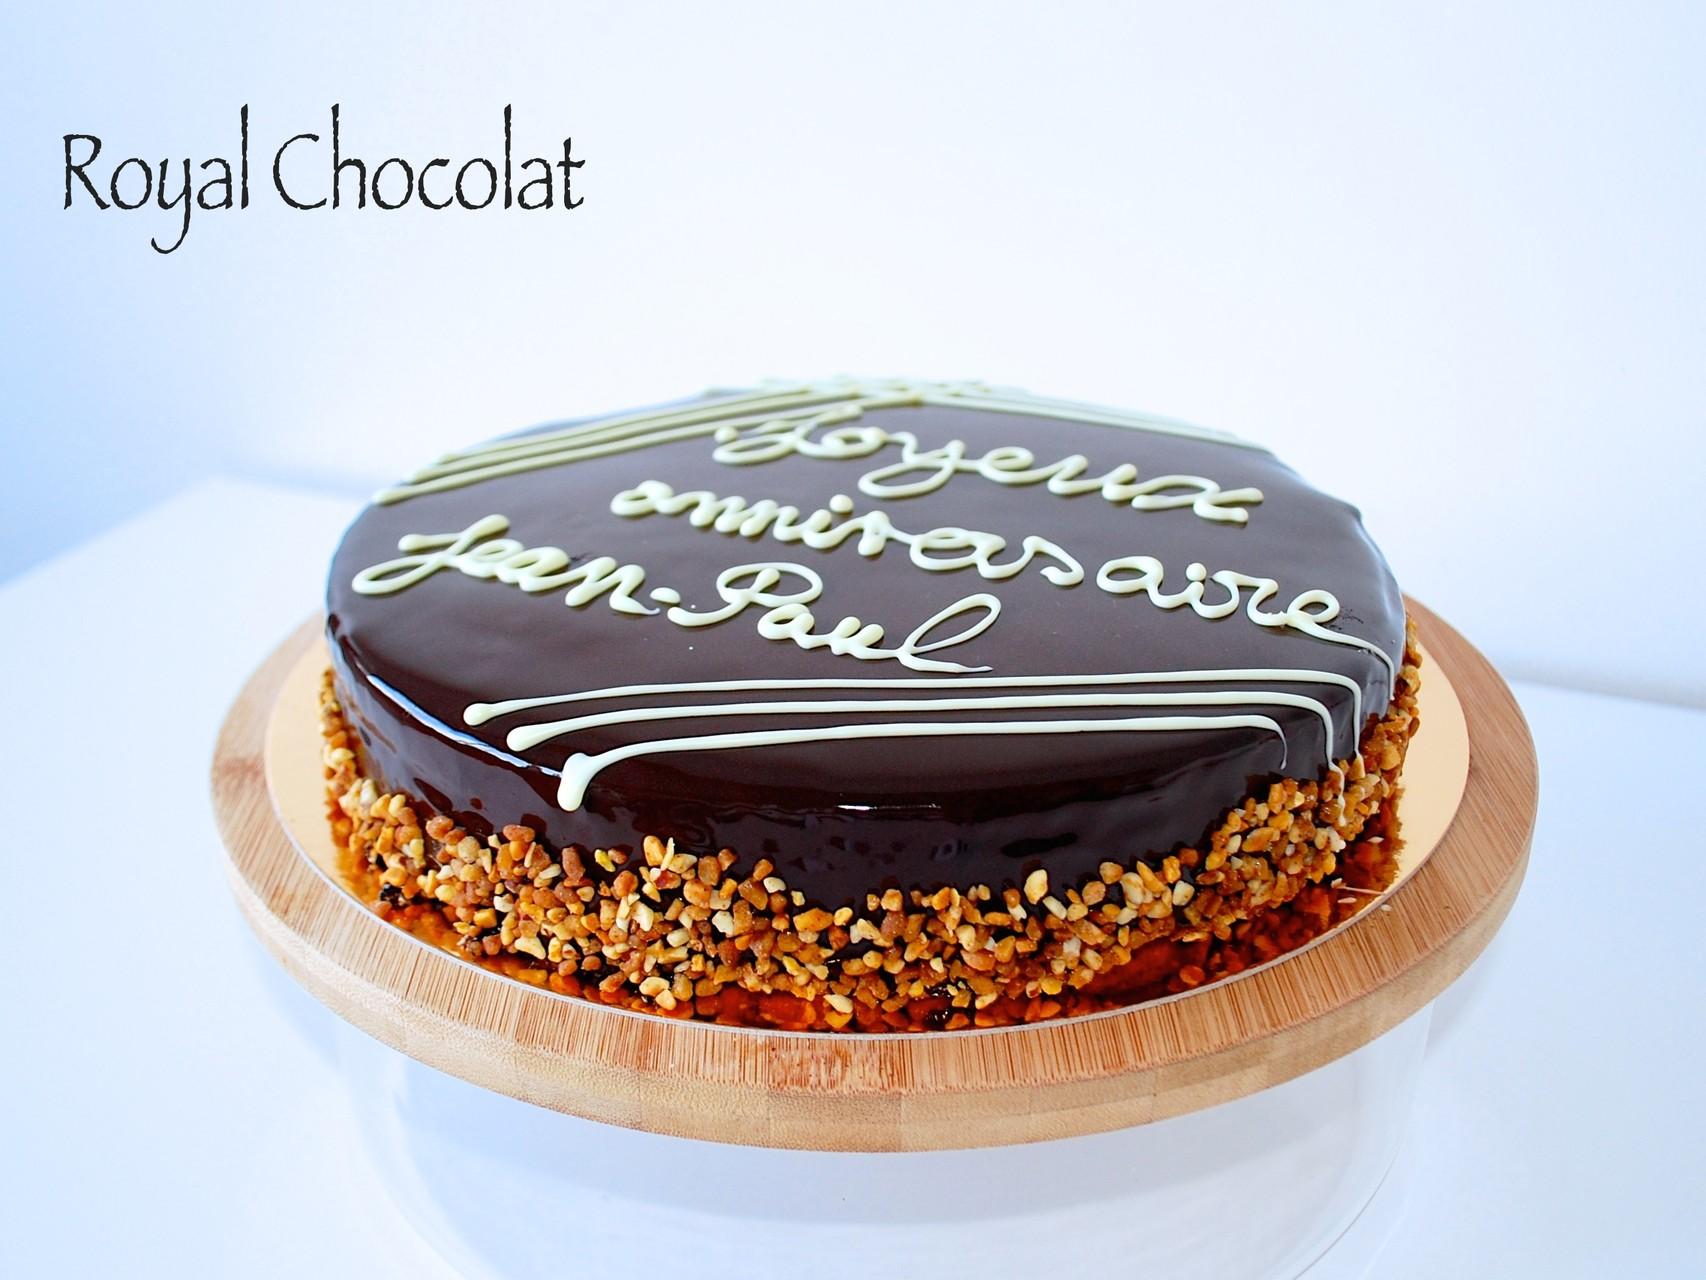 Royal Chocolat (dacquoise noisette, praliné feuilletine, mousse au chocolat)